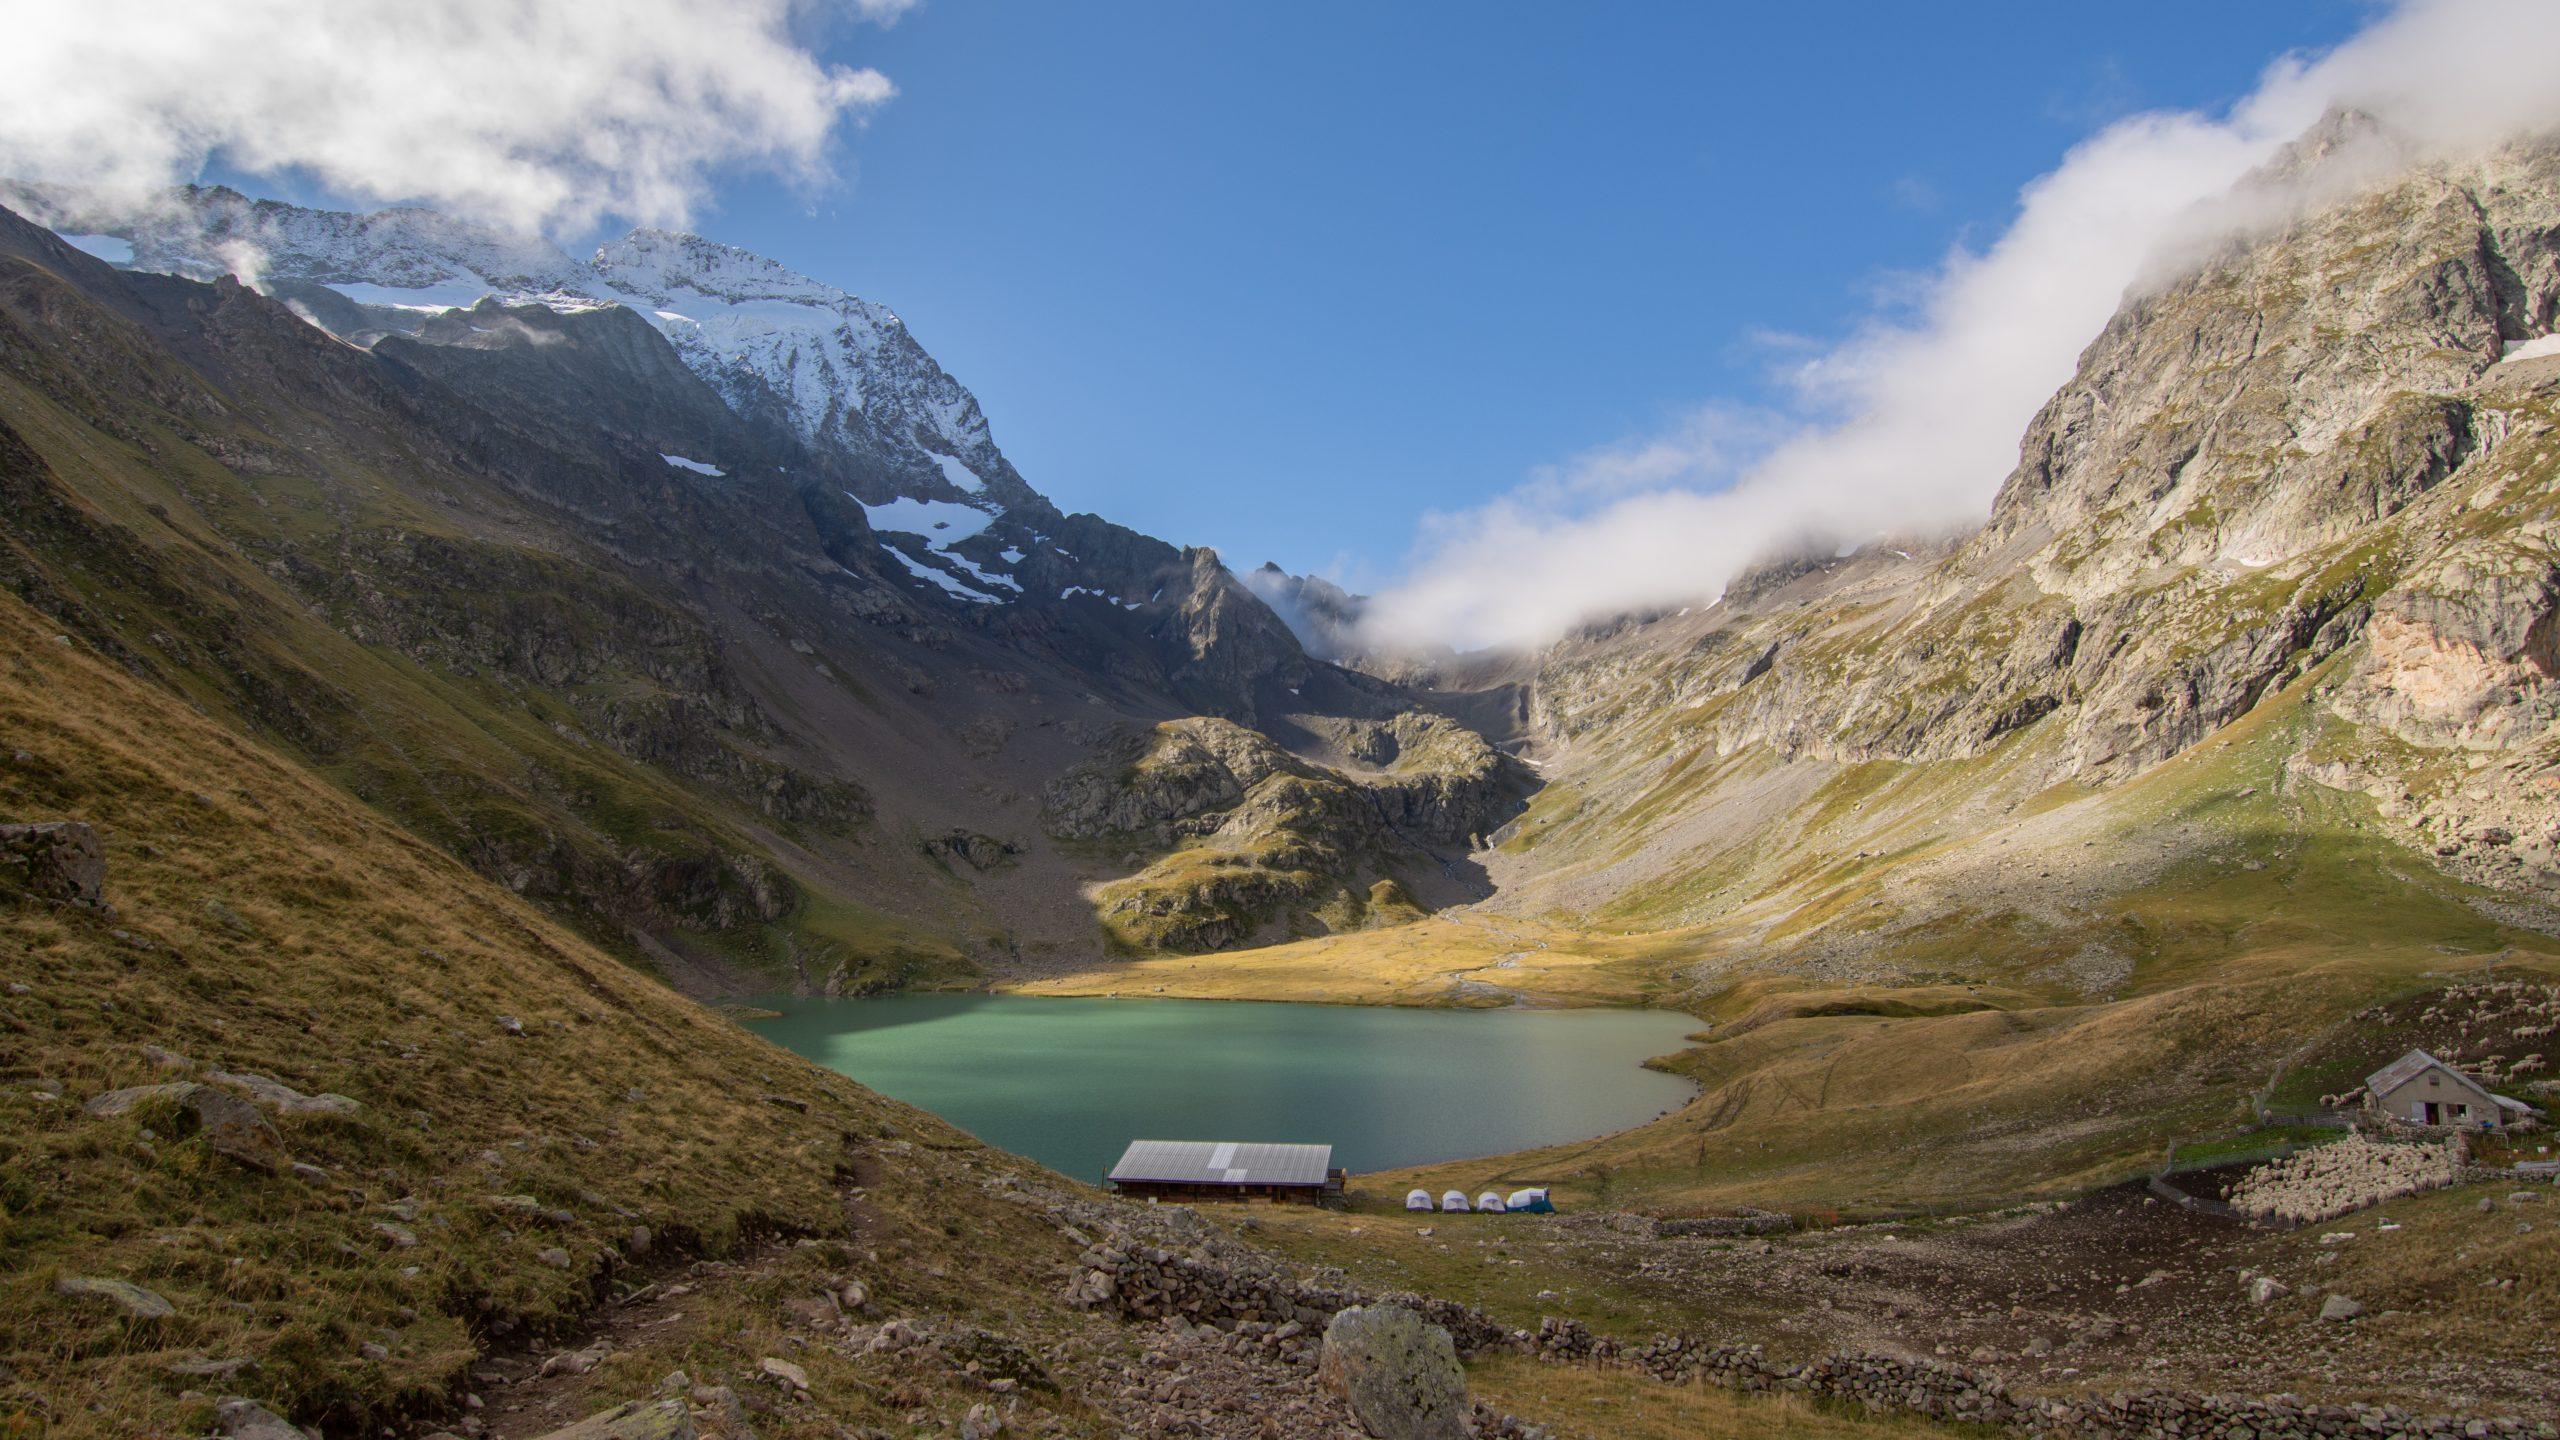 Le Parc National des Écrins : Randonnée vers le lac de la Muzelle